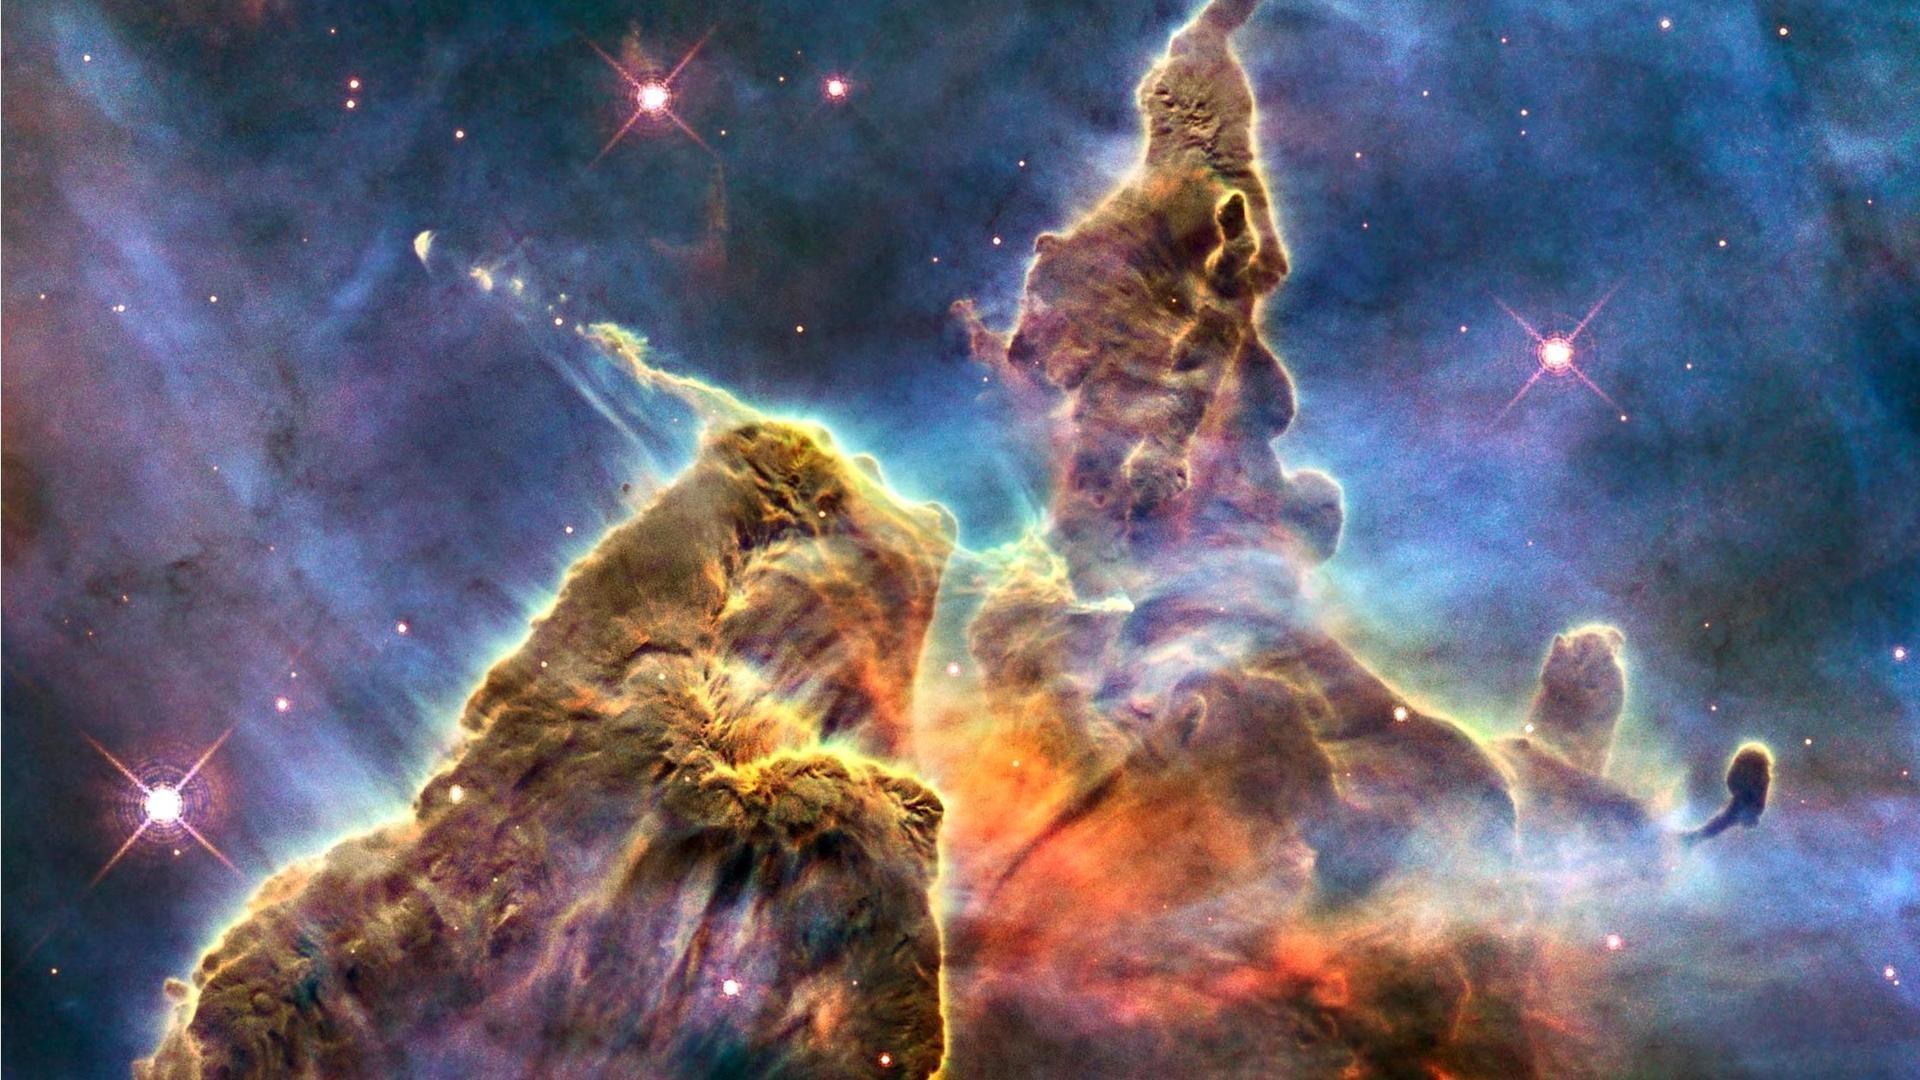 1920x1200 Nebula Wallpaper HD